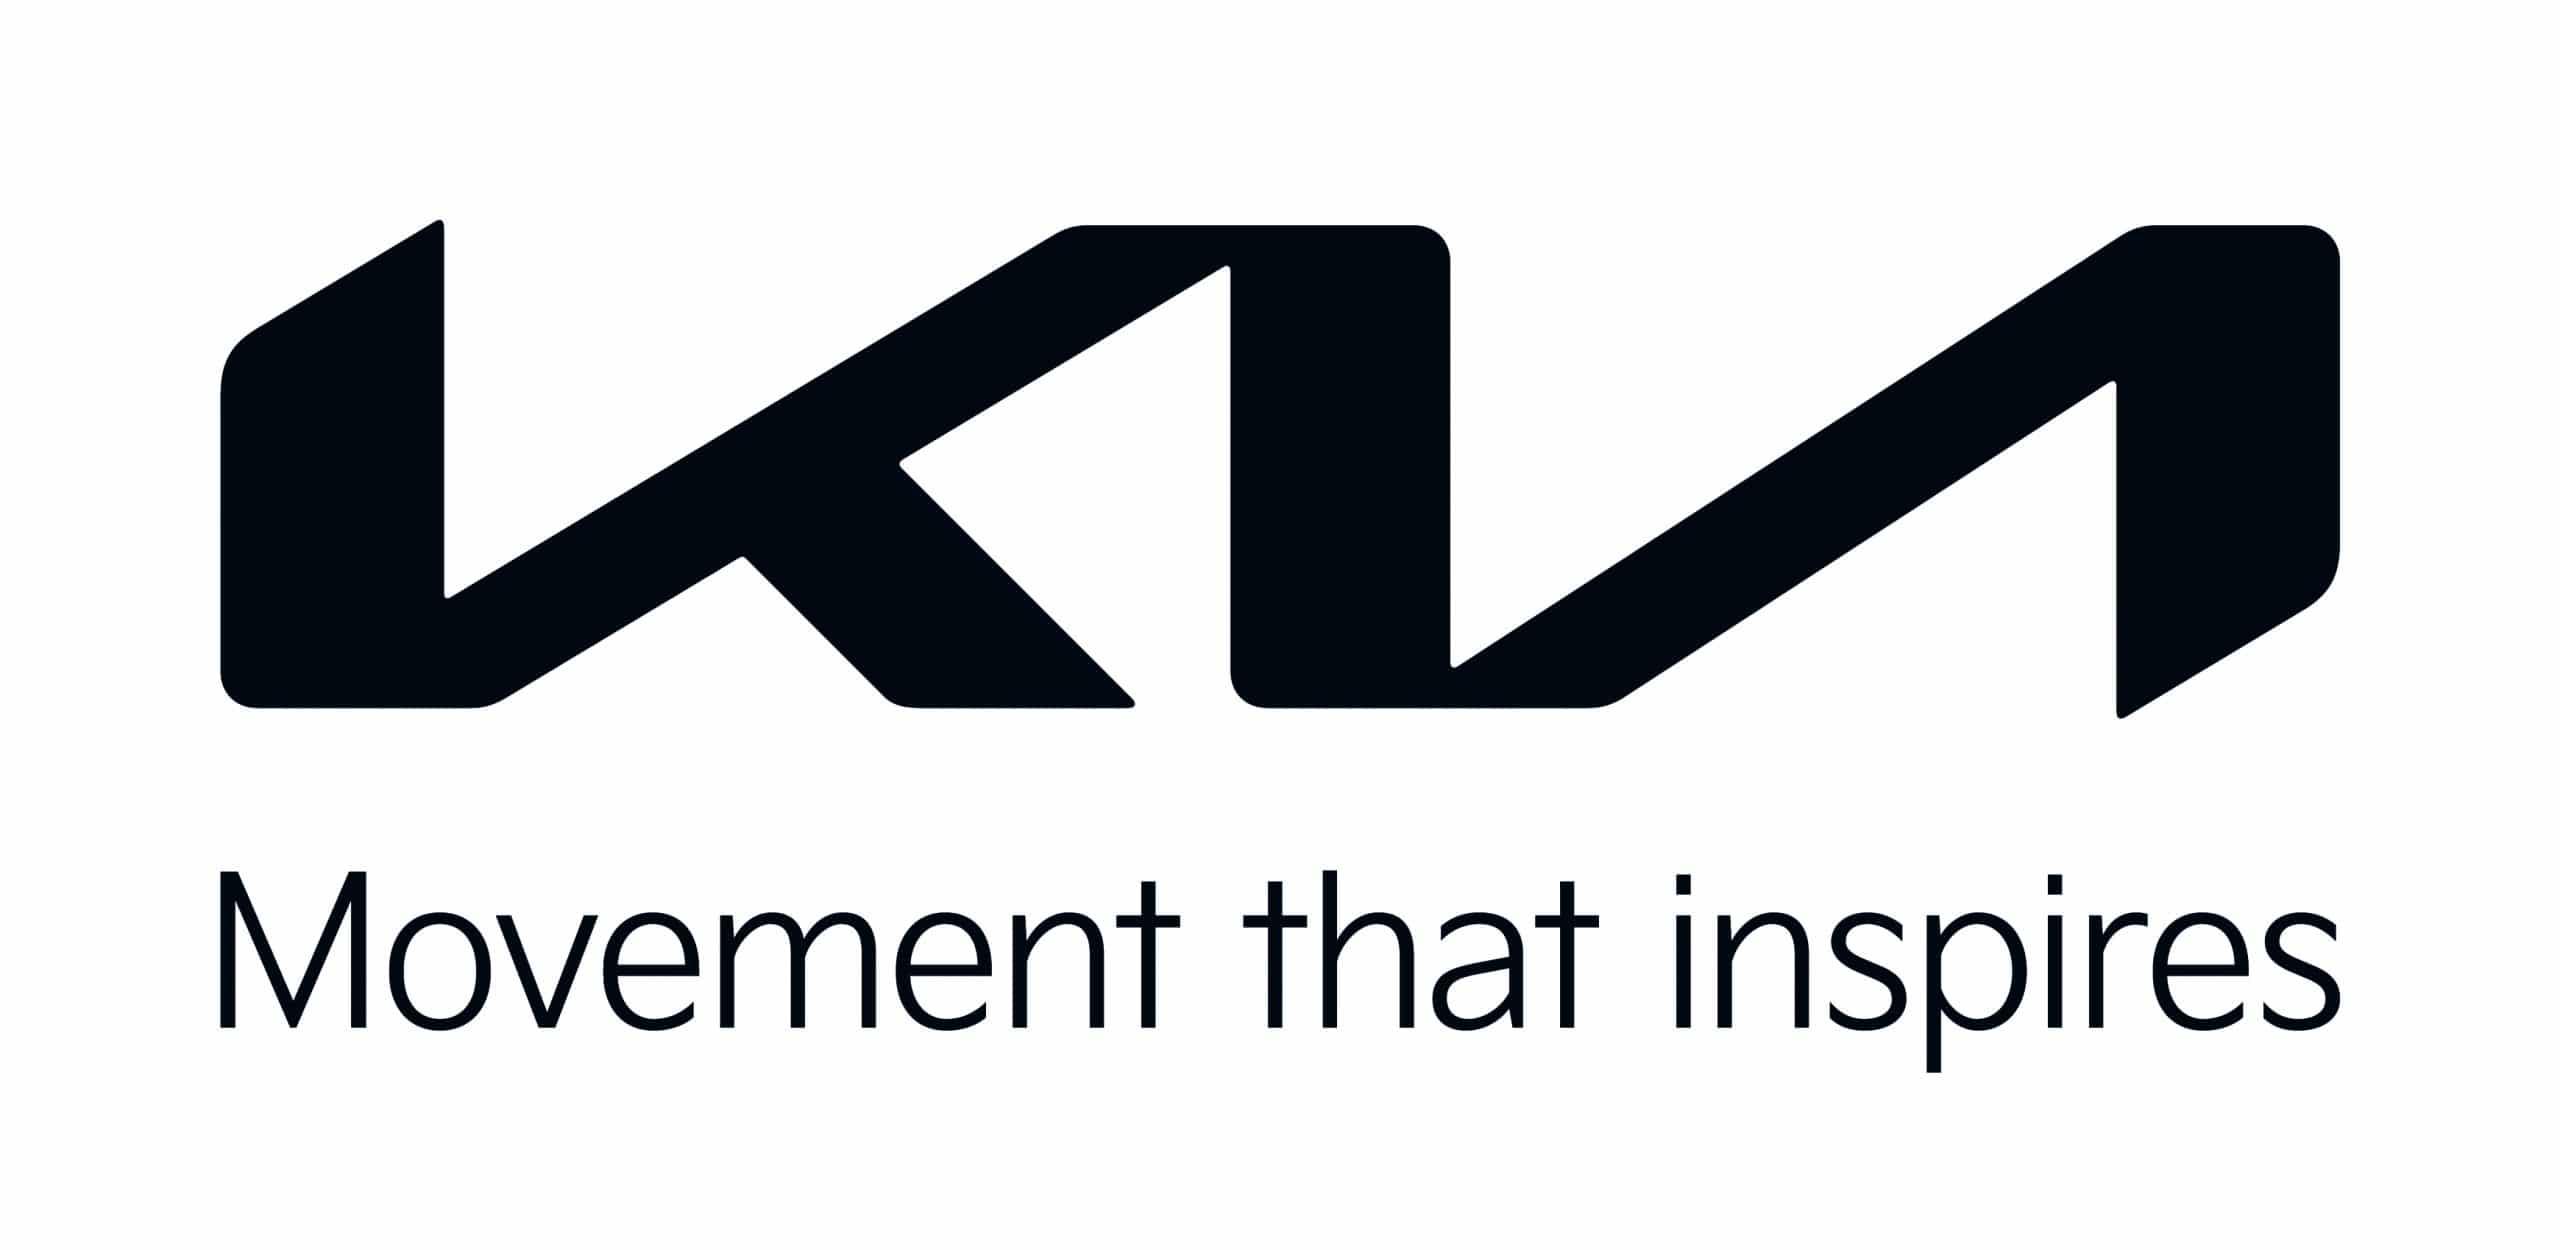 KIA estrena nuevo logo y slogan global con el arranque del año 2